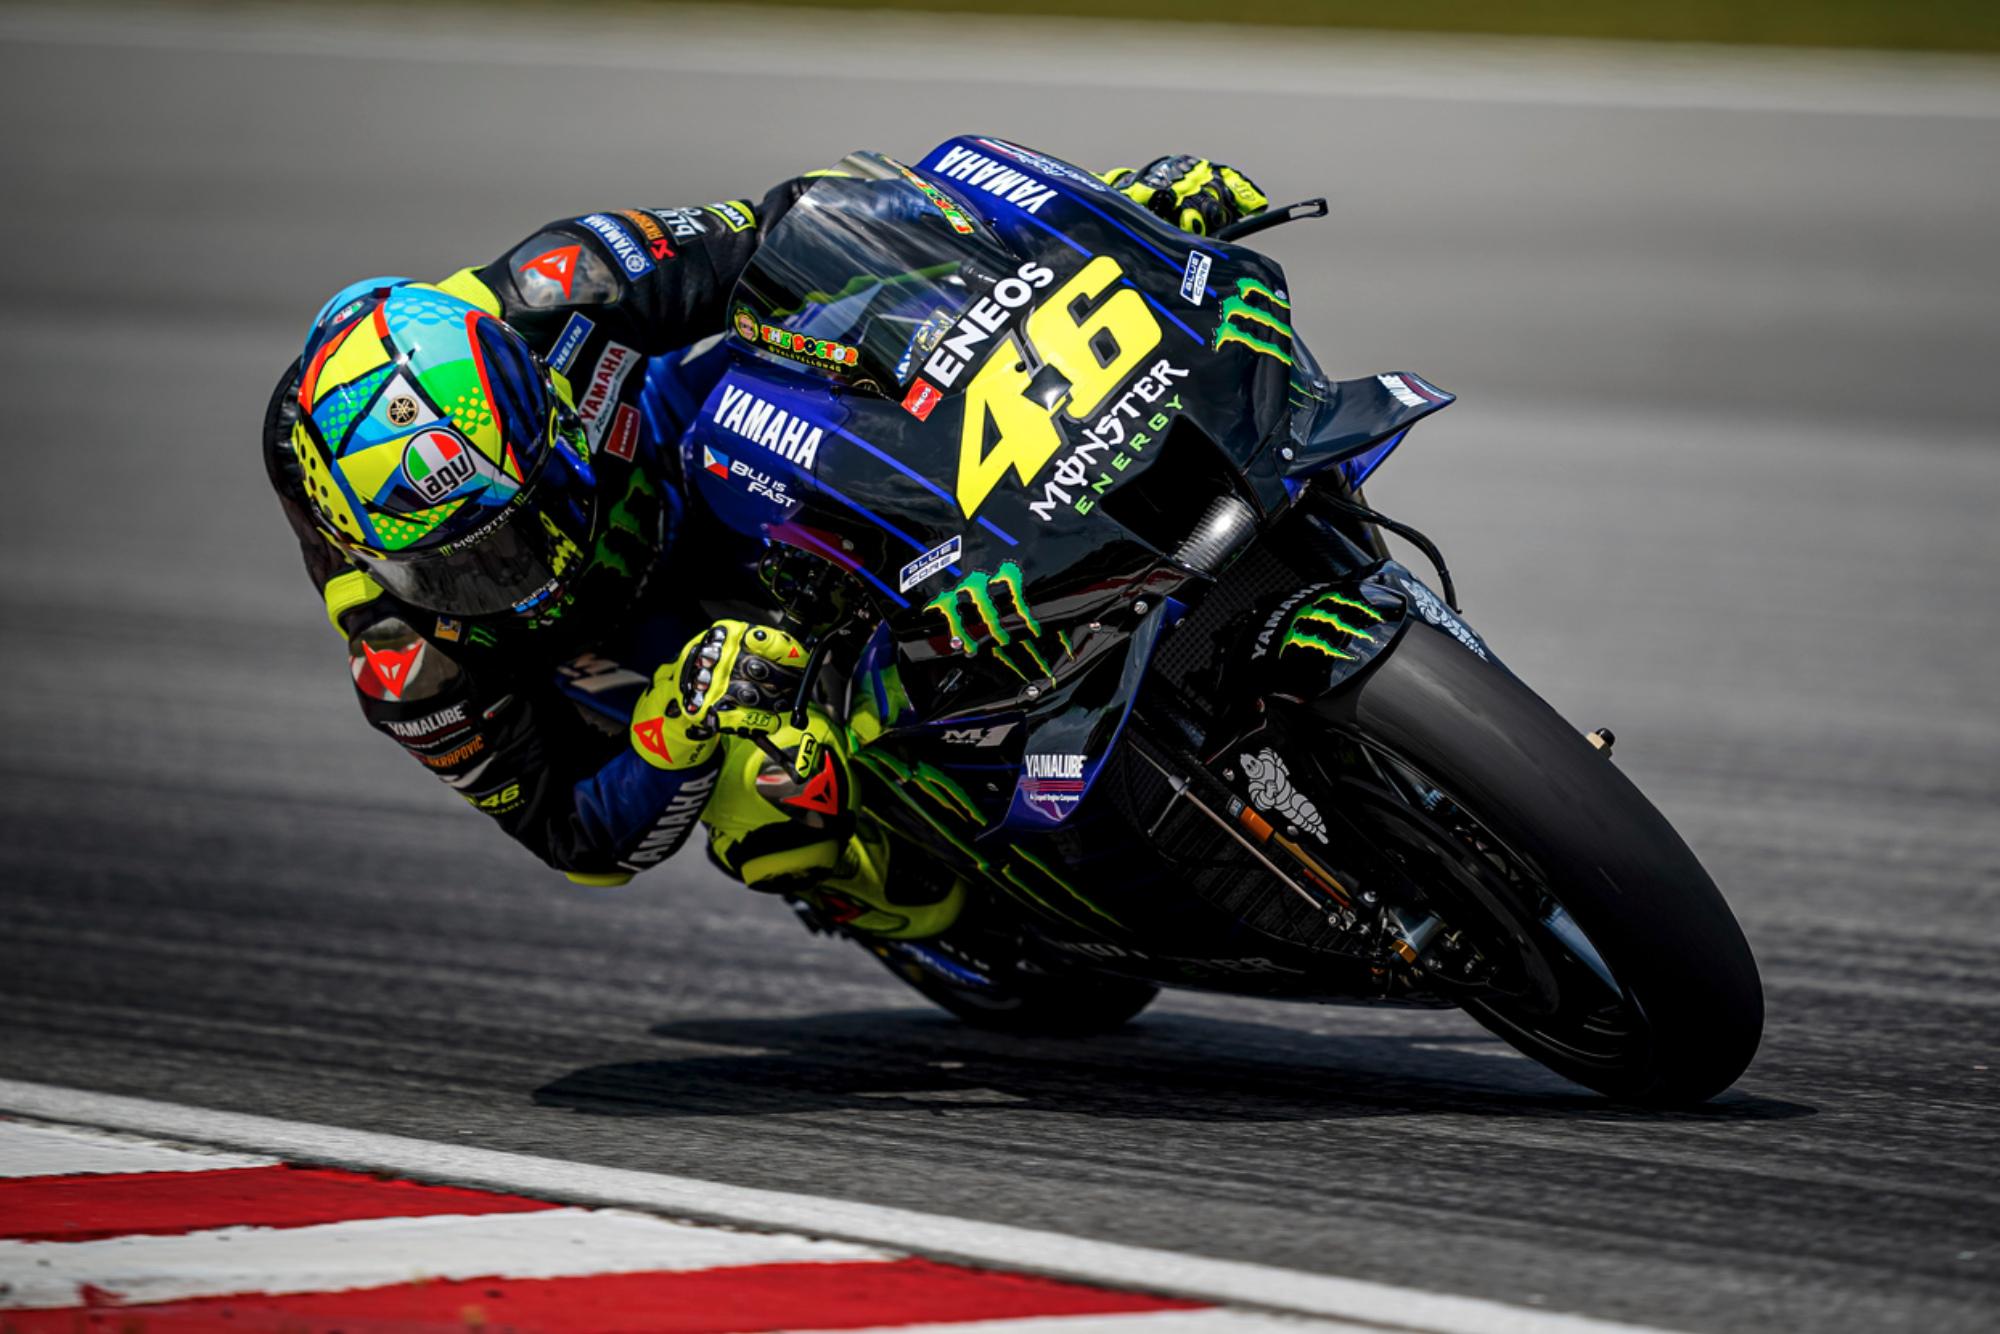 Valentino Rossi during 2020 MotoGP testing